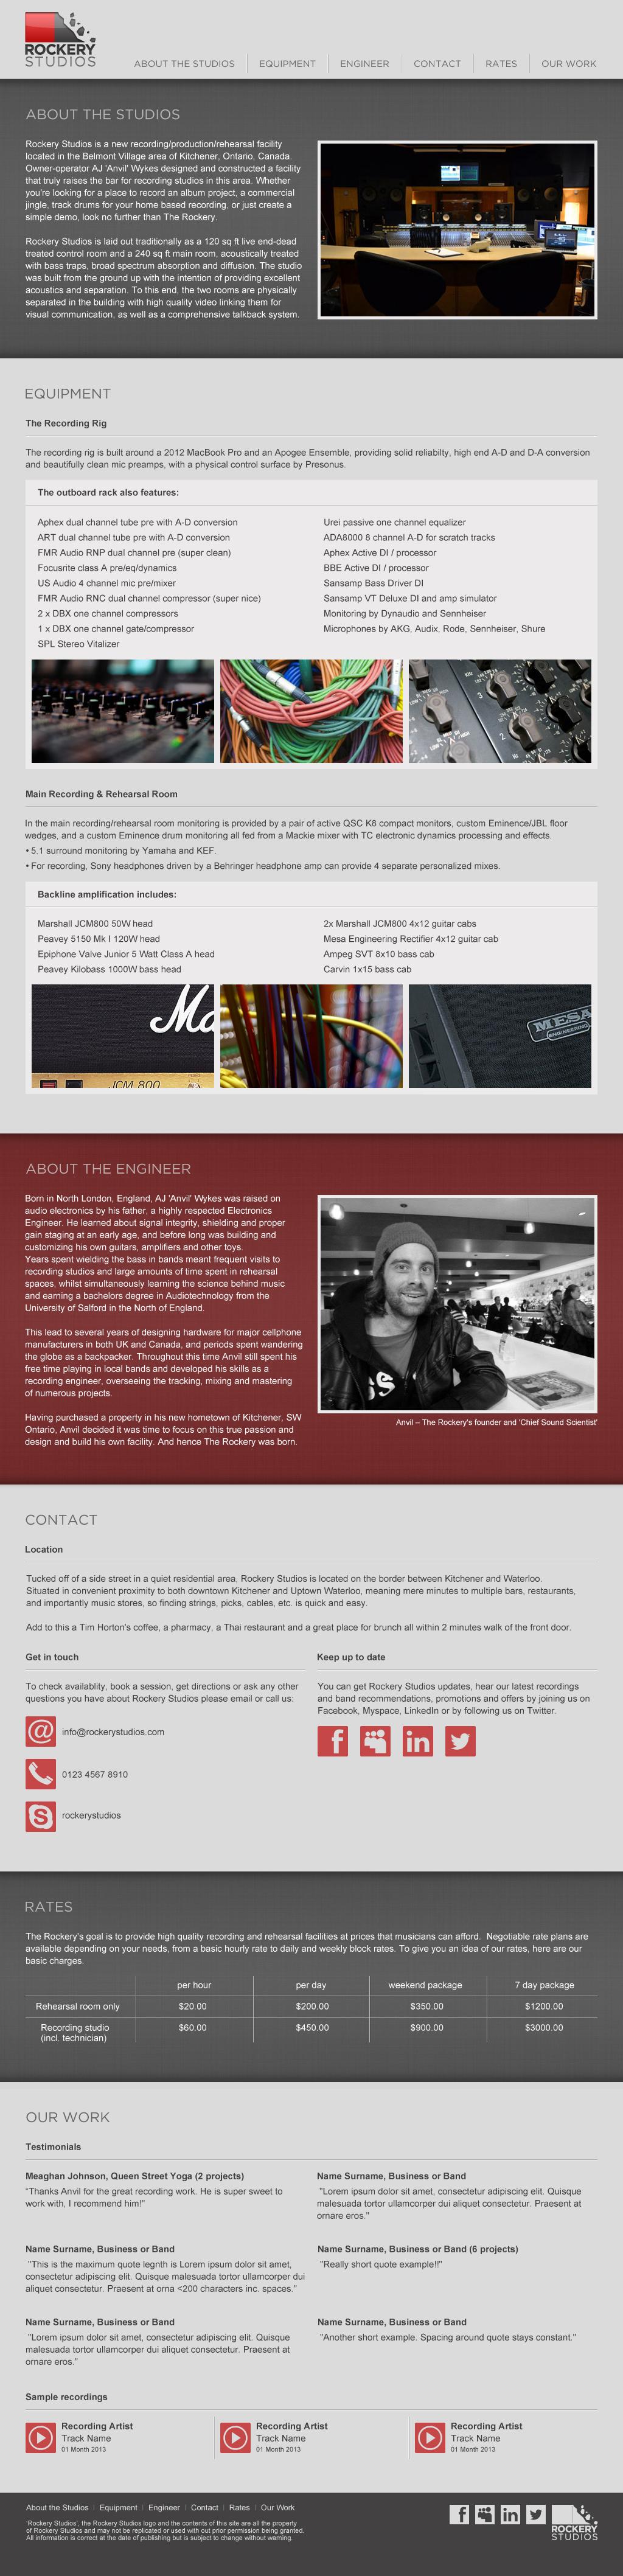 Rockery Studios site